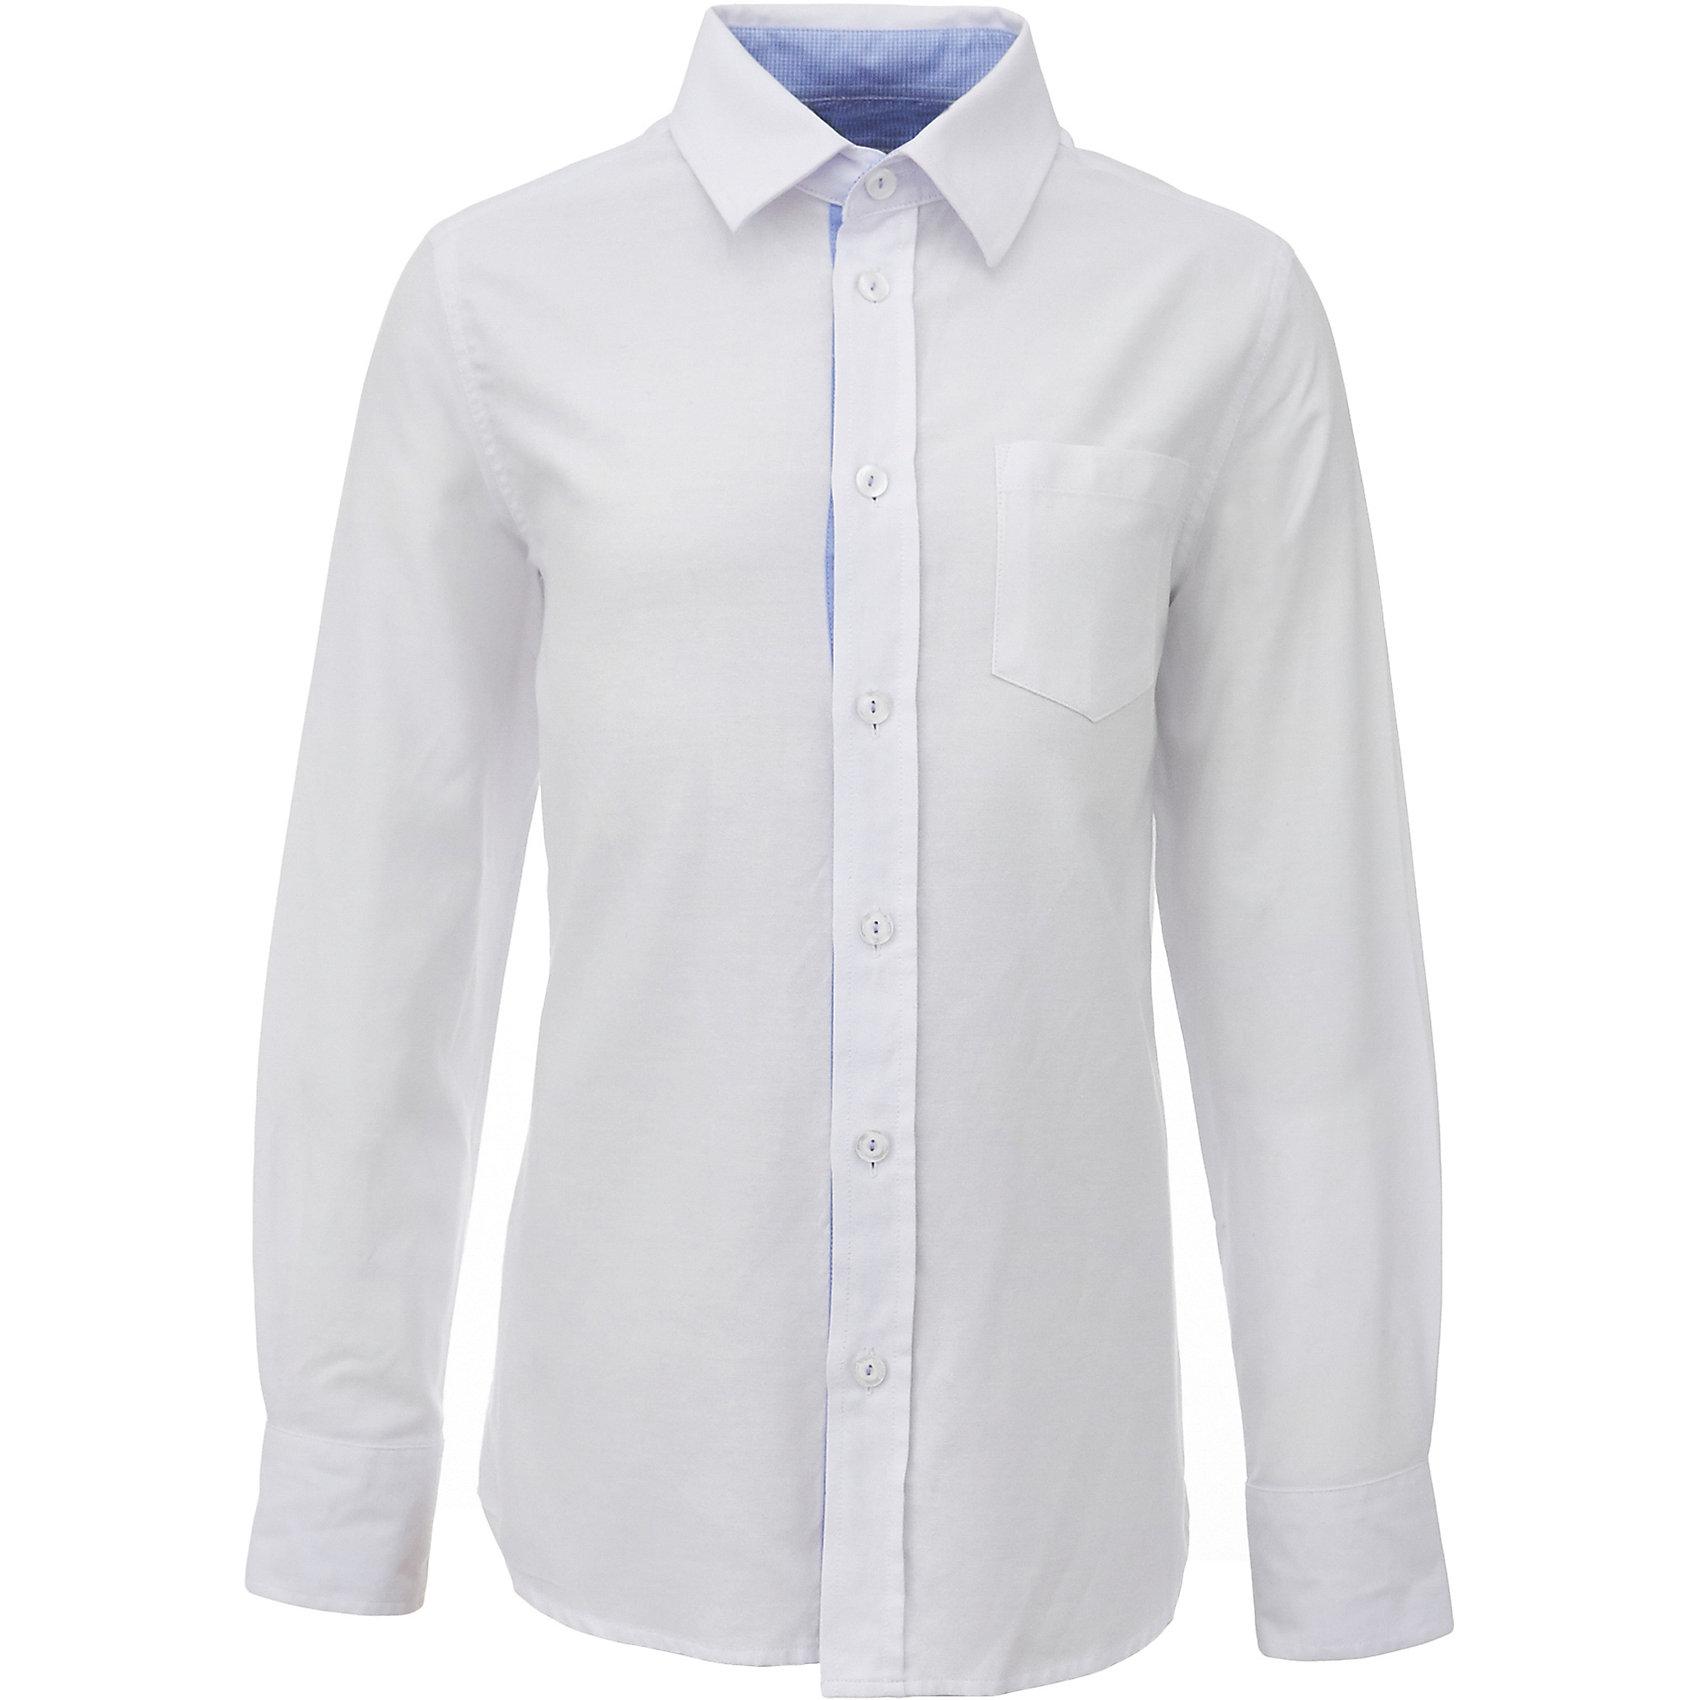 Рубашка для мальчика GulliverБлузки и рубашки<br>Белая школьная рубашка - классика жанра! Строгая, лаконичная, элегантная, белая рубашка для школы настроит на серьезный и ответственный подход к делу. Хороший состав, качество и текстура ткани, модный силуэт, актуальная форма воротника делают рубашку отличным решением на каждый день, позволяющим ребенку чувствовать себя уверенно и достойно. Деликатная отделка: контрастная внутренняя планка и стойка, фирменная вышивка на манжете придают модели индивидуальные черты, не нарушая  школьного дресс кода. Купить рубашку стоит вместе с темным или ярким галстуком для создания завершенного образа ученика.<br>Состав:<br>100% хлопок<br><br>Ширина мм: 174<br>Глубина мм: 10<br>Высота мм: 169<br>Вес г: 157<br>Цвет: белый<br>Возраст от месяцев: 168<br>Возраст до месяцев: 180<br>Пол: Мужской<br>Возраст: Детский<br>Размер: 170,128,122,134,140,146,152,158,164<br>SKU: 6678366